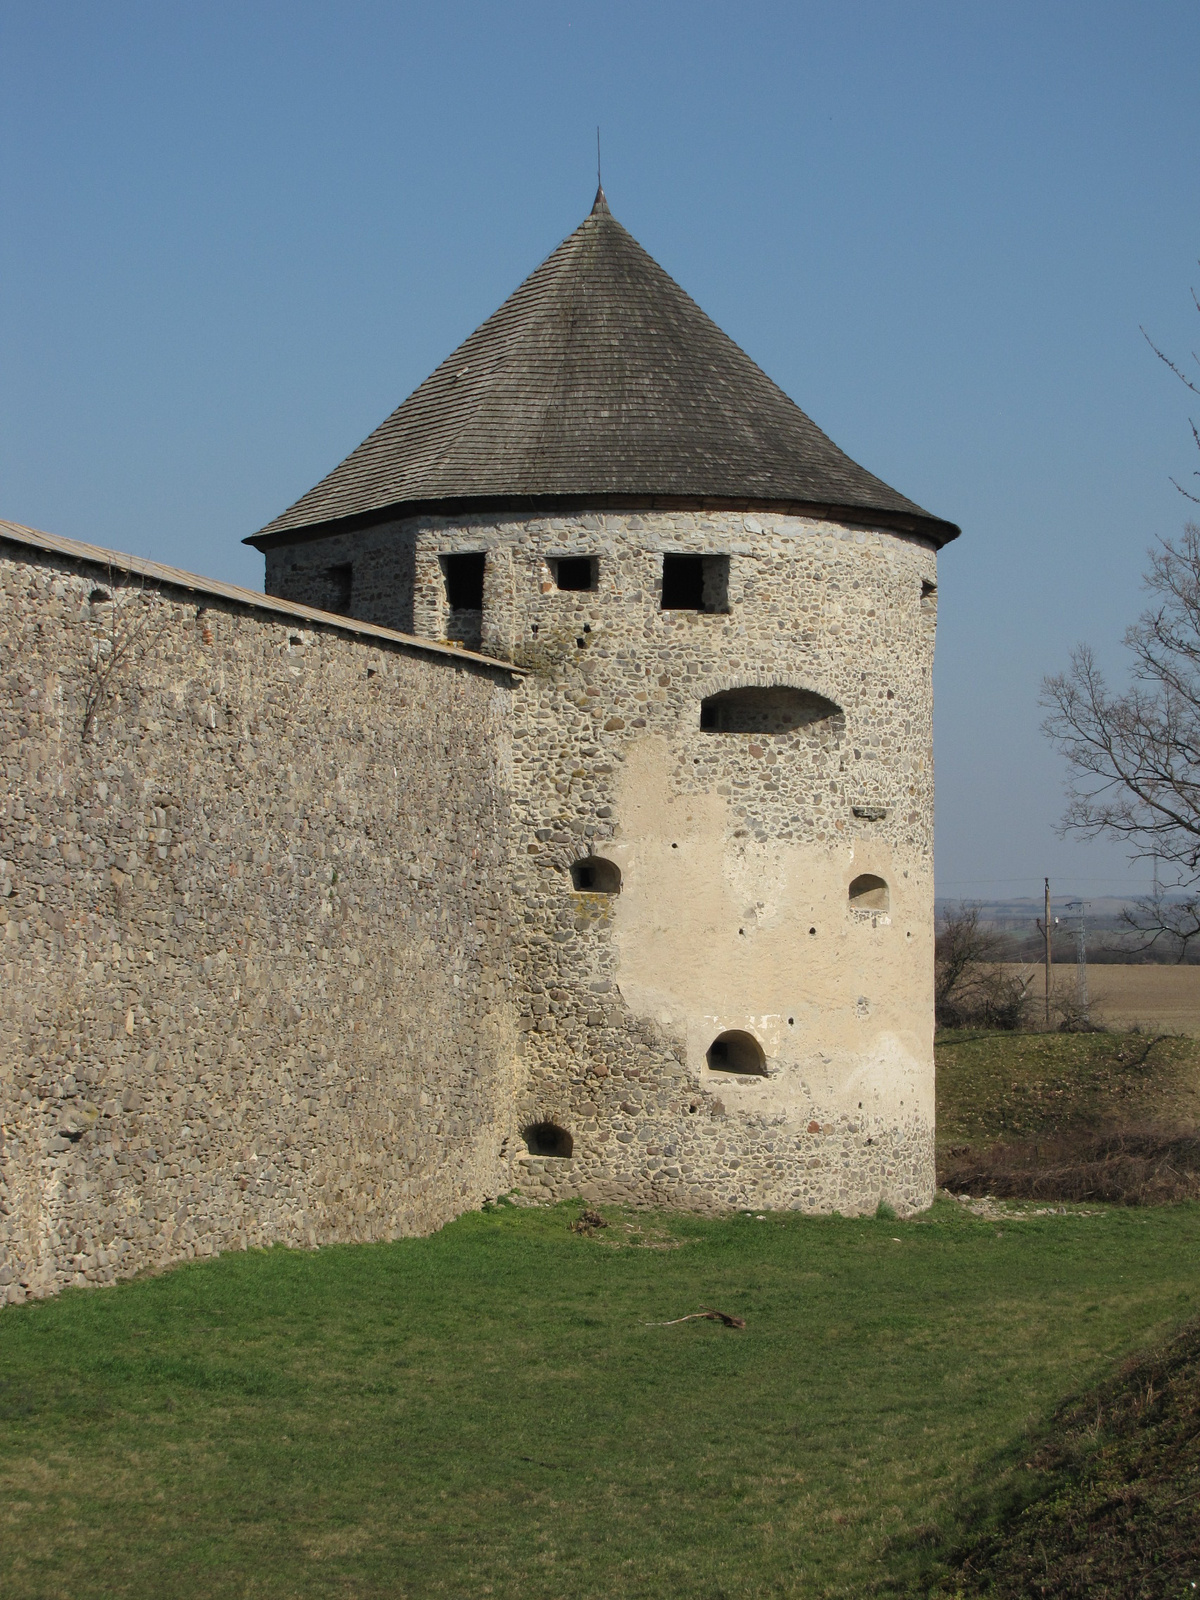 Szlovákia (Slovakia), Bozók (Bzovík) vára, SzG3